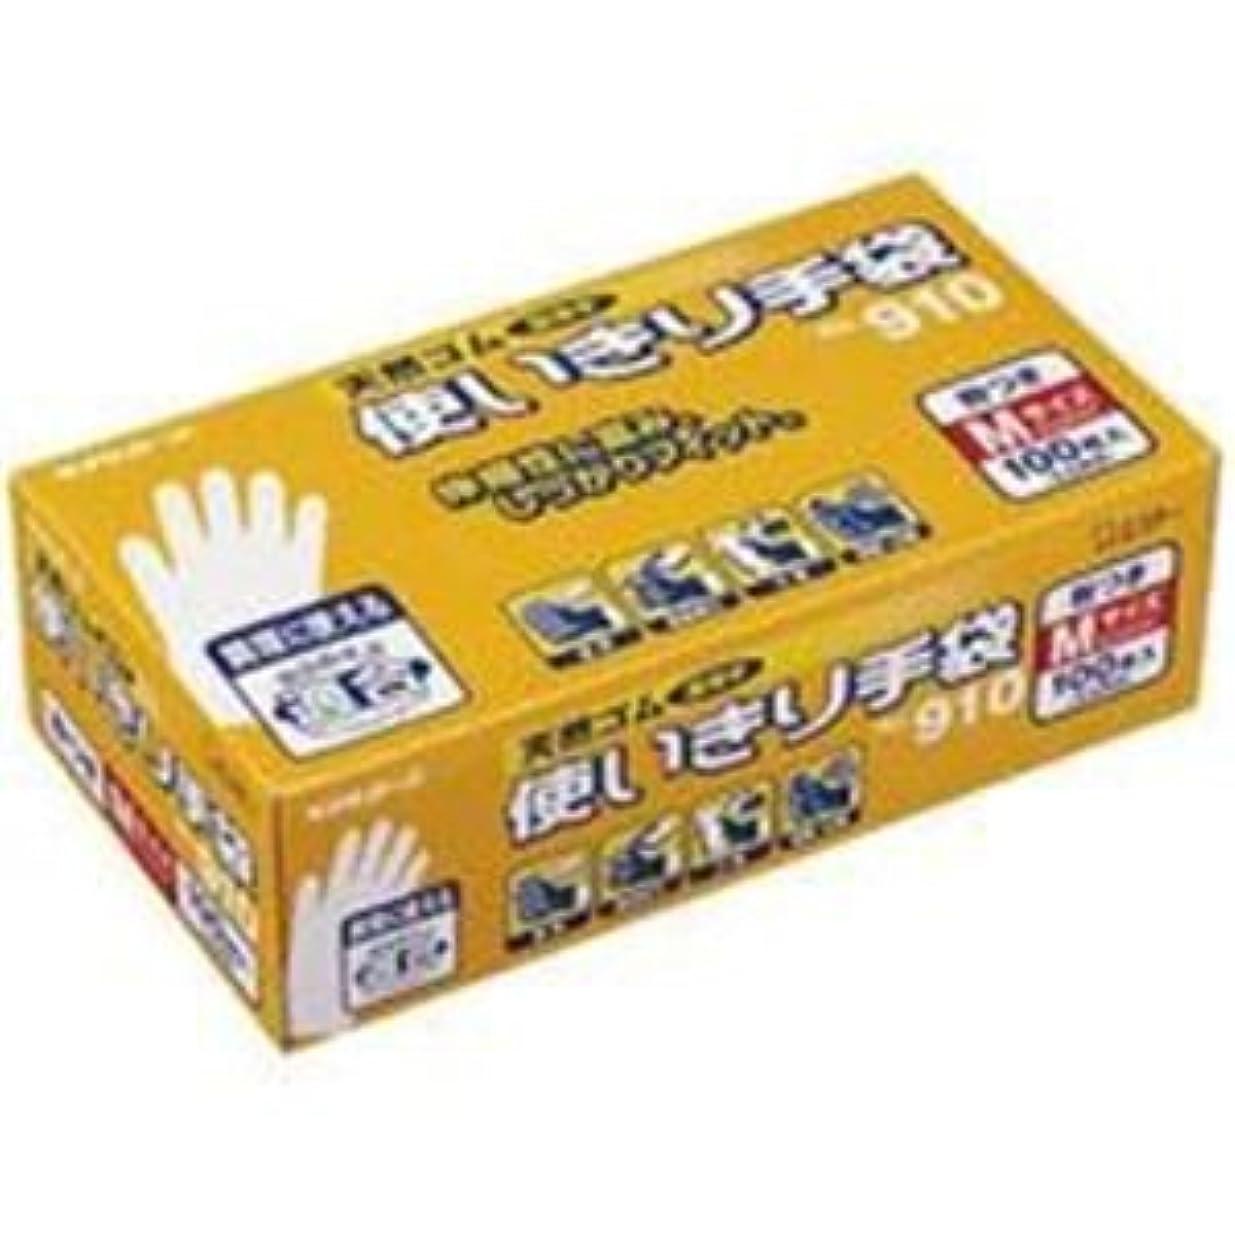 (業務用3セット)エステー 天然ゴム使い切り手袋/作業用手袋 【No.910/S 1箱】 [簡易パッケージ品]